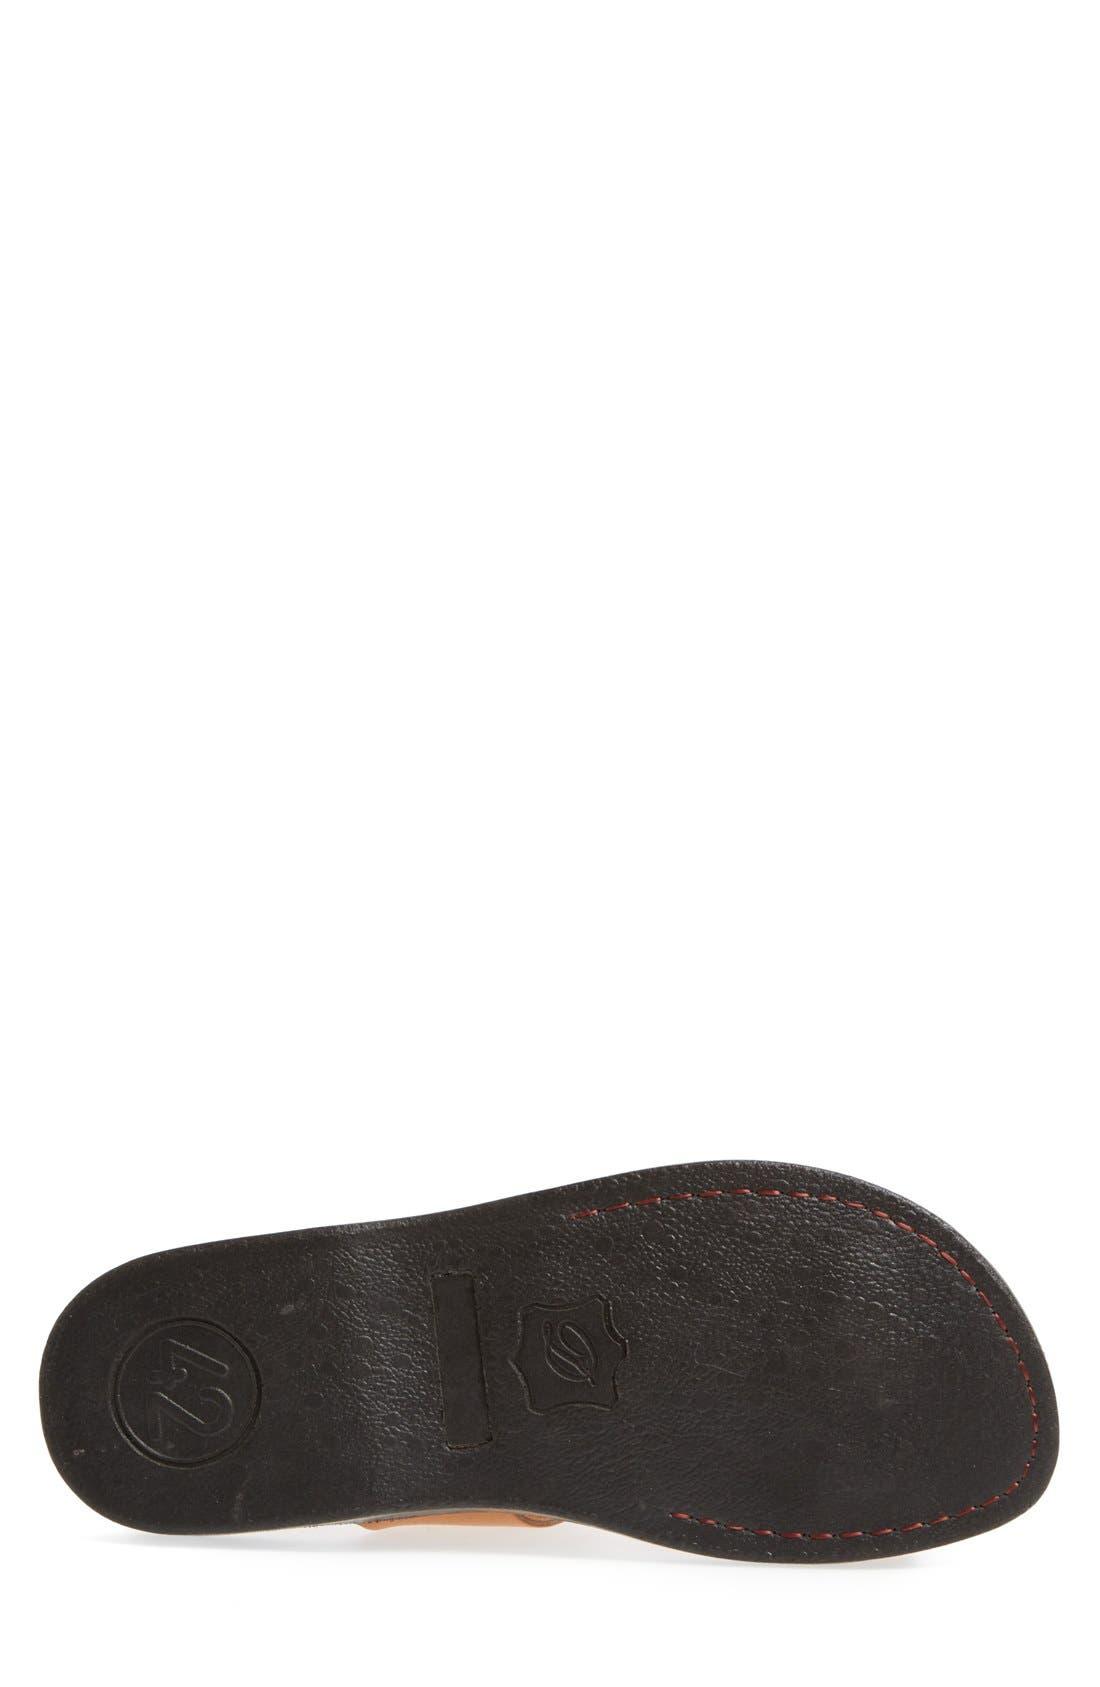 'Zohar' Leather Sandal,                             Alternate thumbnail 4, color,                             Tan